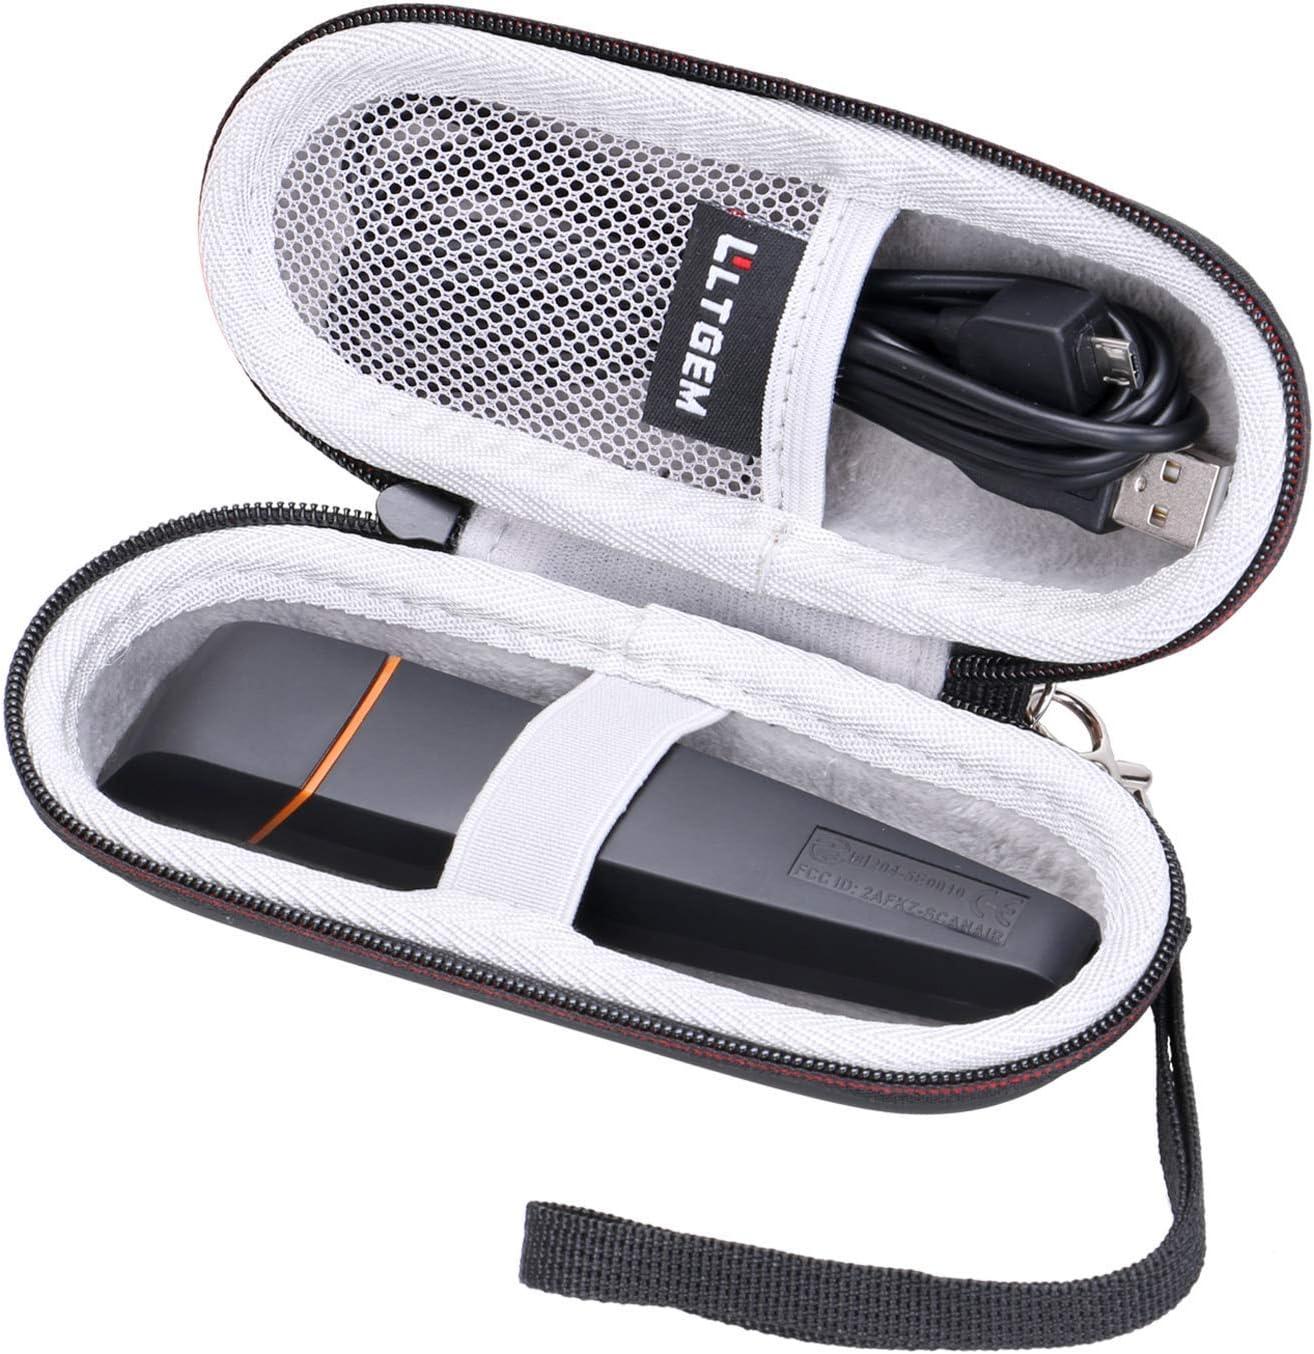 Ltgem Eva Hard Case For Scanmarker Air Pen Scanner Ocr Digital Highlighter And Reader